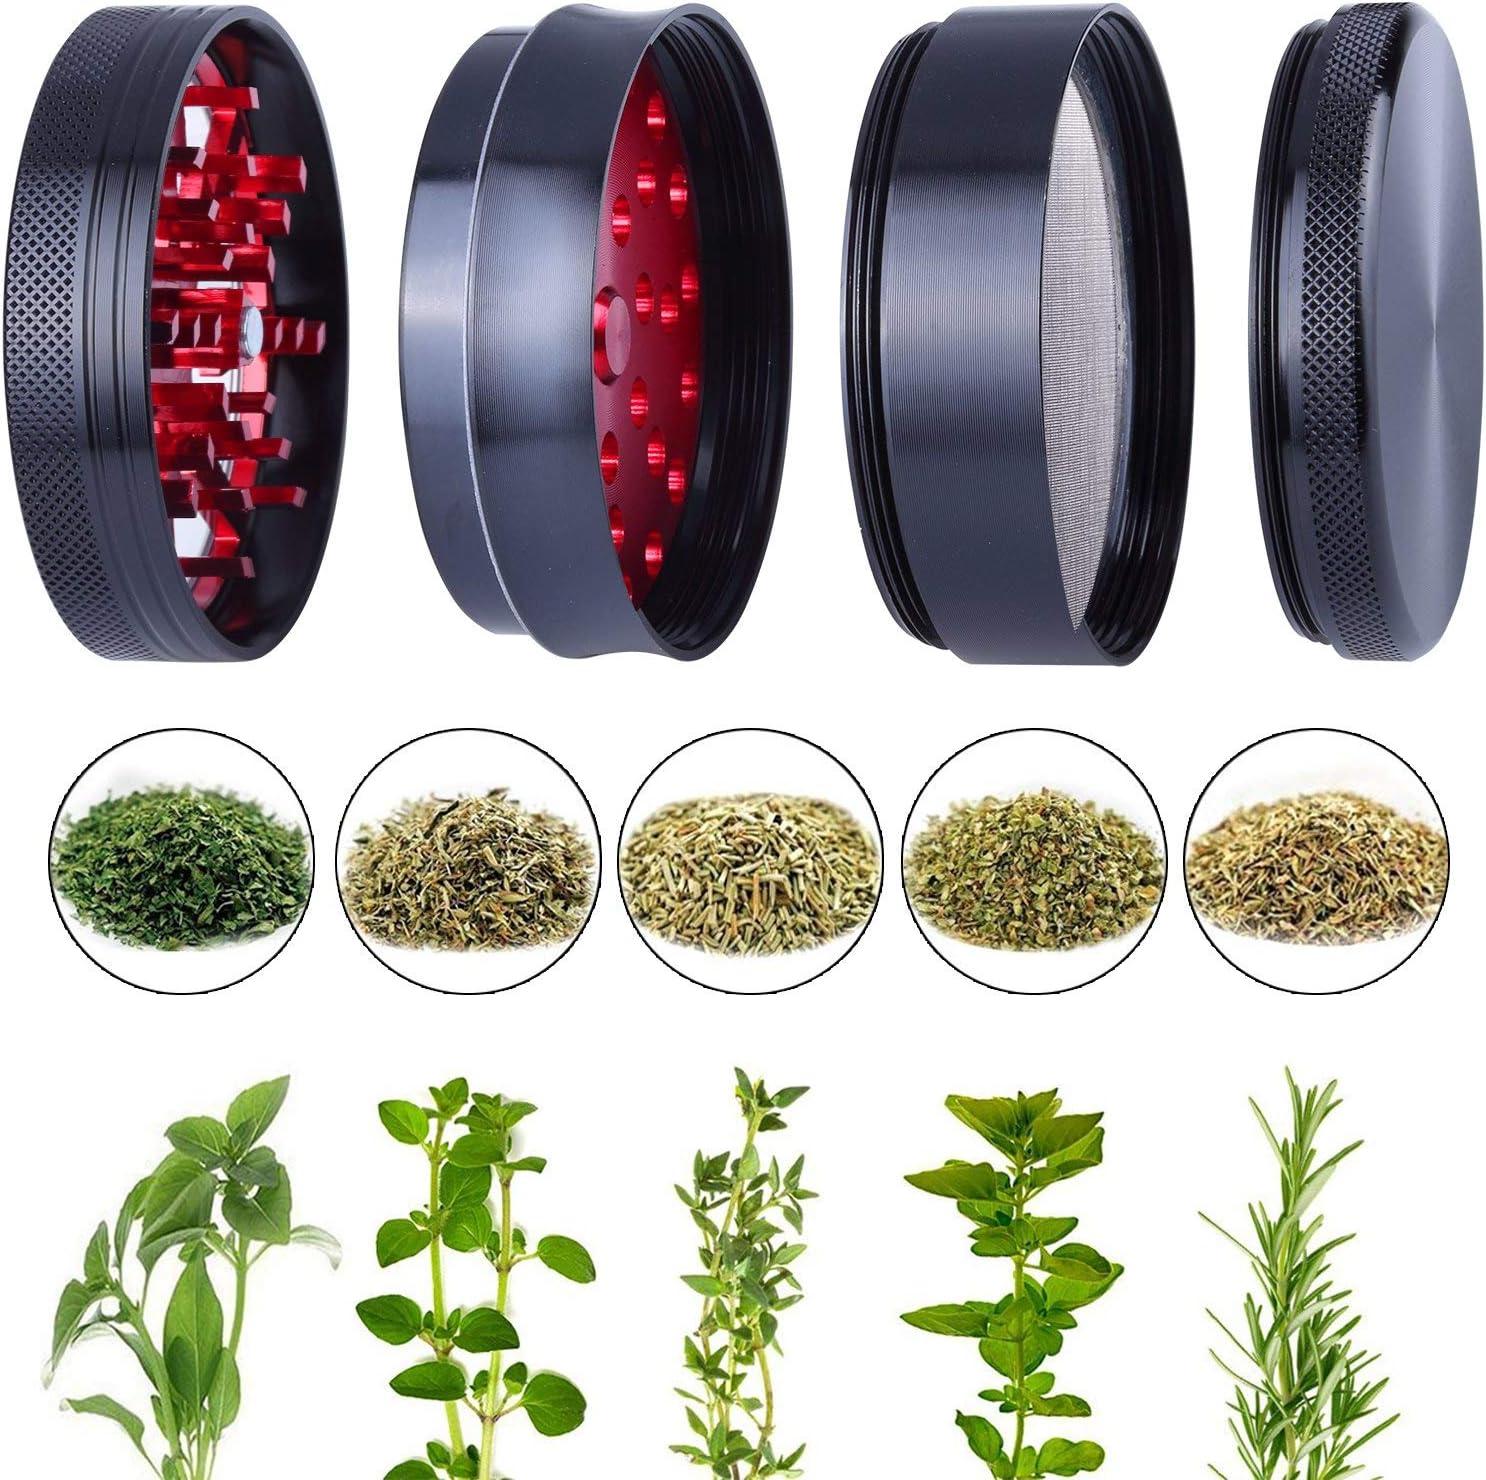 Alliage de Zinc sp/écial en Alliage de Zinc. Tsinggs Broyeur de Foudre Herb Grinder avec Aluminium de premi/ère qualit/é